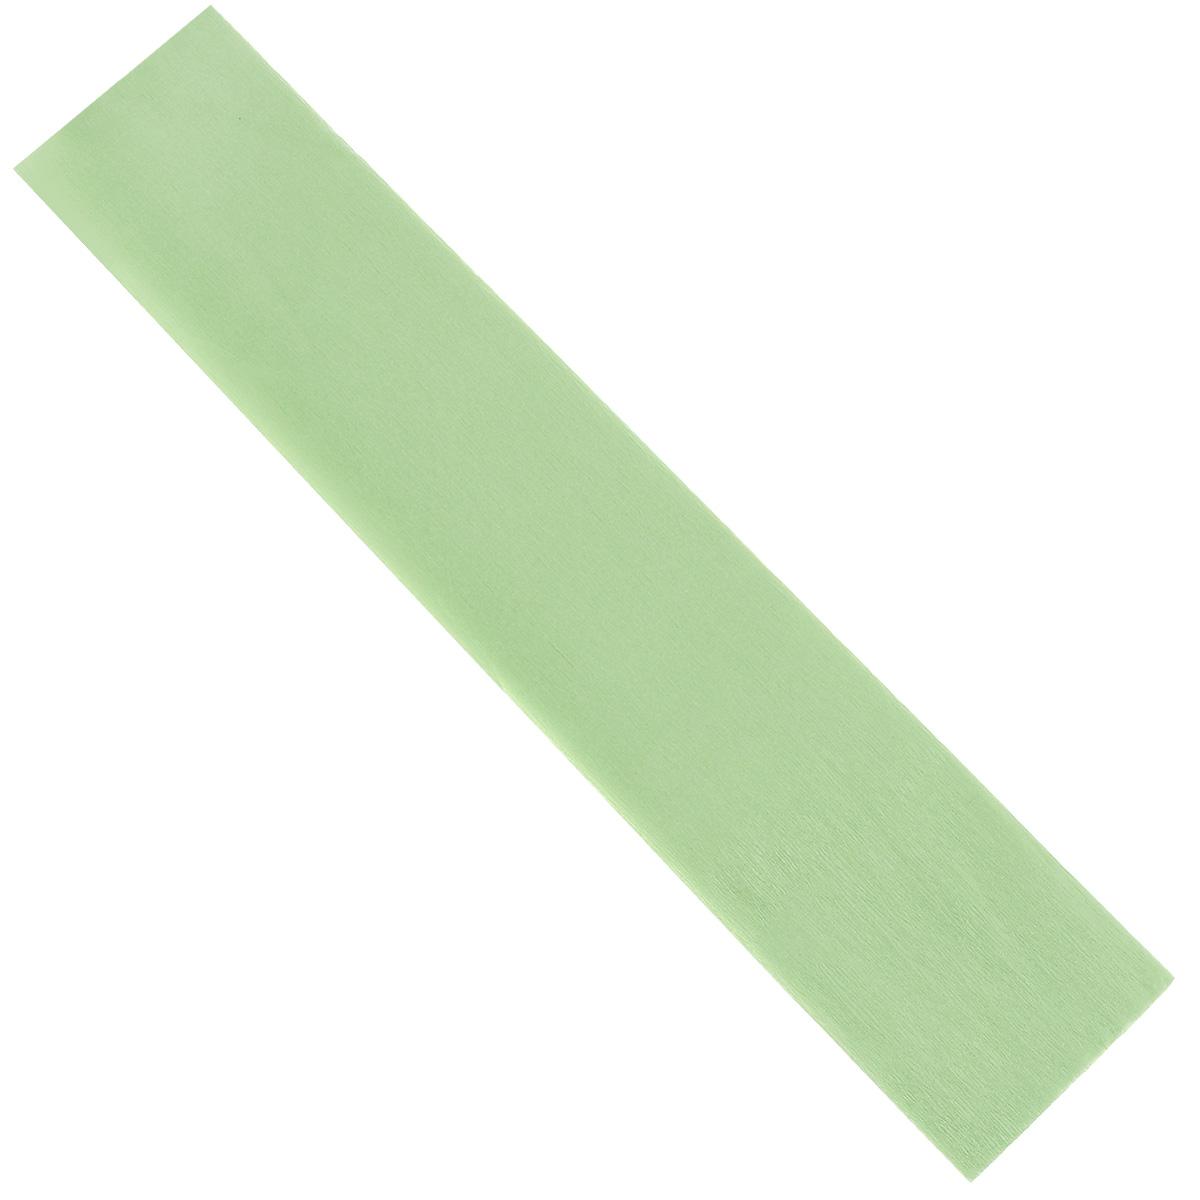 Бумага крепированная Проф-Пресс, перламутровая, цвет: зеленый, 50 см х 250 смC0038550Крепированная перламутровая бумага Проф-Пресс - отличный вариант для воплощения творческих идей не только детей, но и взрослых. Она отлично подойдет для упаковки хрупких изделий, при оформлении букетов, создании сложных цветовых композиций, для декорирования и других оформительских работ. Бумага обладает повышенной прочностью и жесткостью, хорошо растягивается, имеет жатую поверхность.Кроме того, перламутровая бумага Проф-Пресс поможет увлечь ребенка, развивая интерес к художественному творчеству, эстетический вкус и восприятие, увеличивая желание делать подарки своими руками, воспитывая самостоятельность и аккуратность в работе. Такая бумага поможет вашему ребенку раскрыть свои таланты.Размер: 50 см х 250 см.